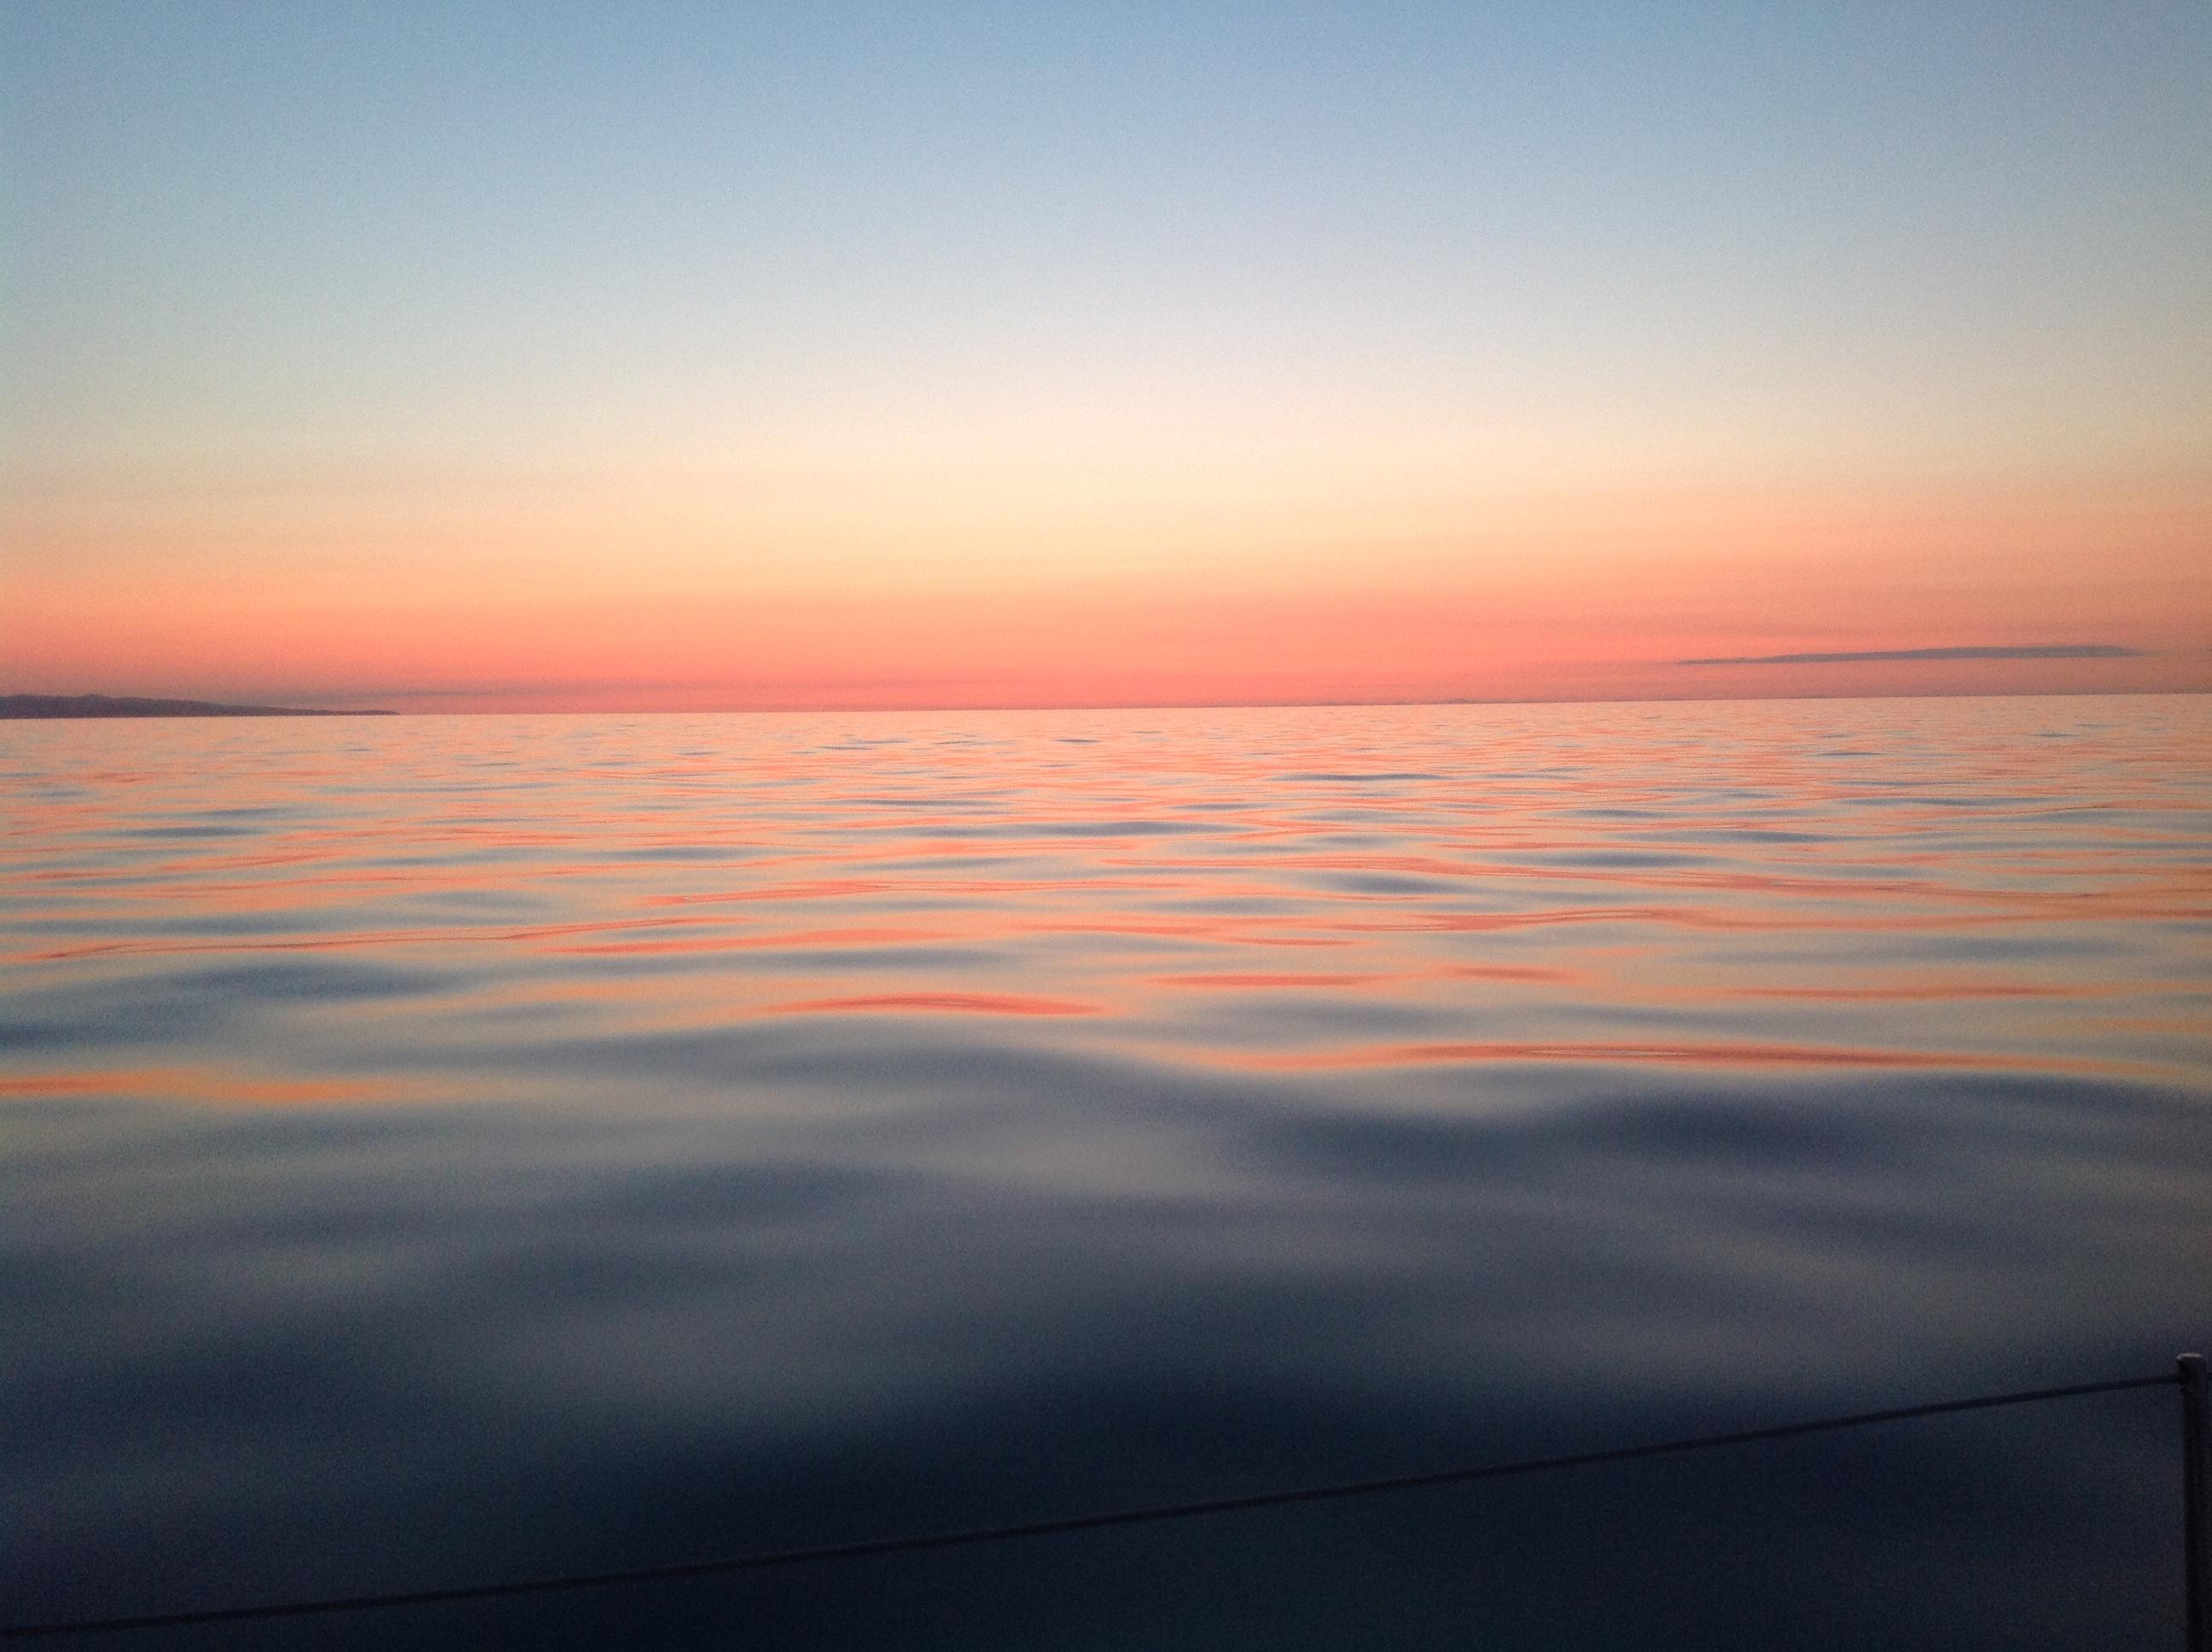 Dawn on the Irish Sea